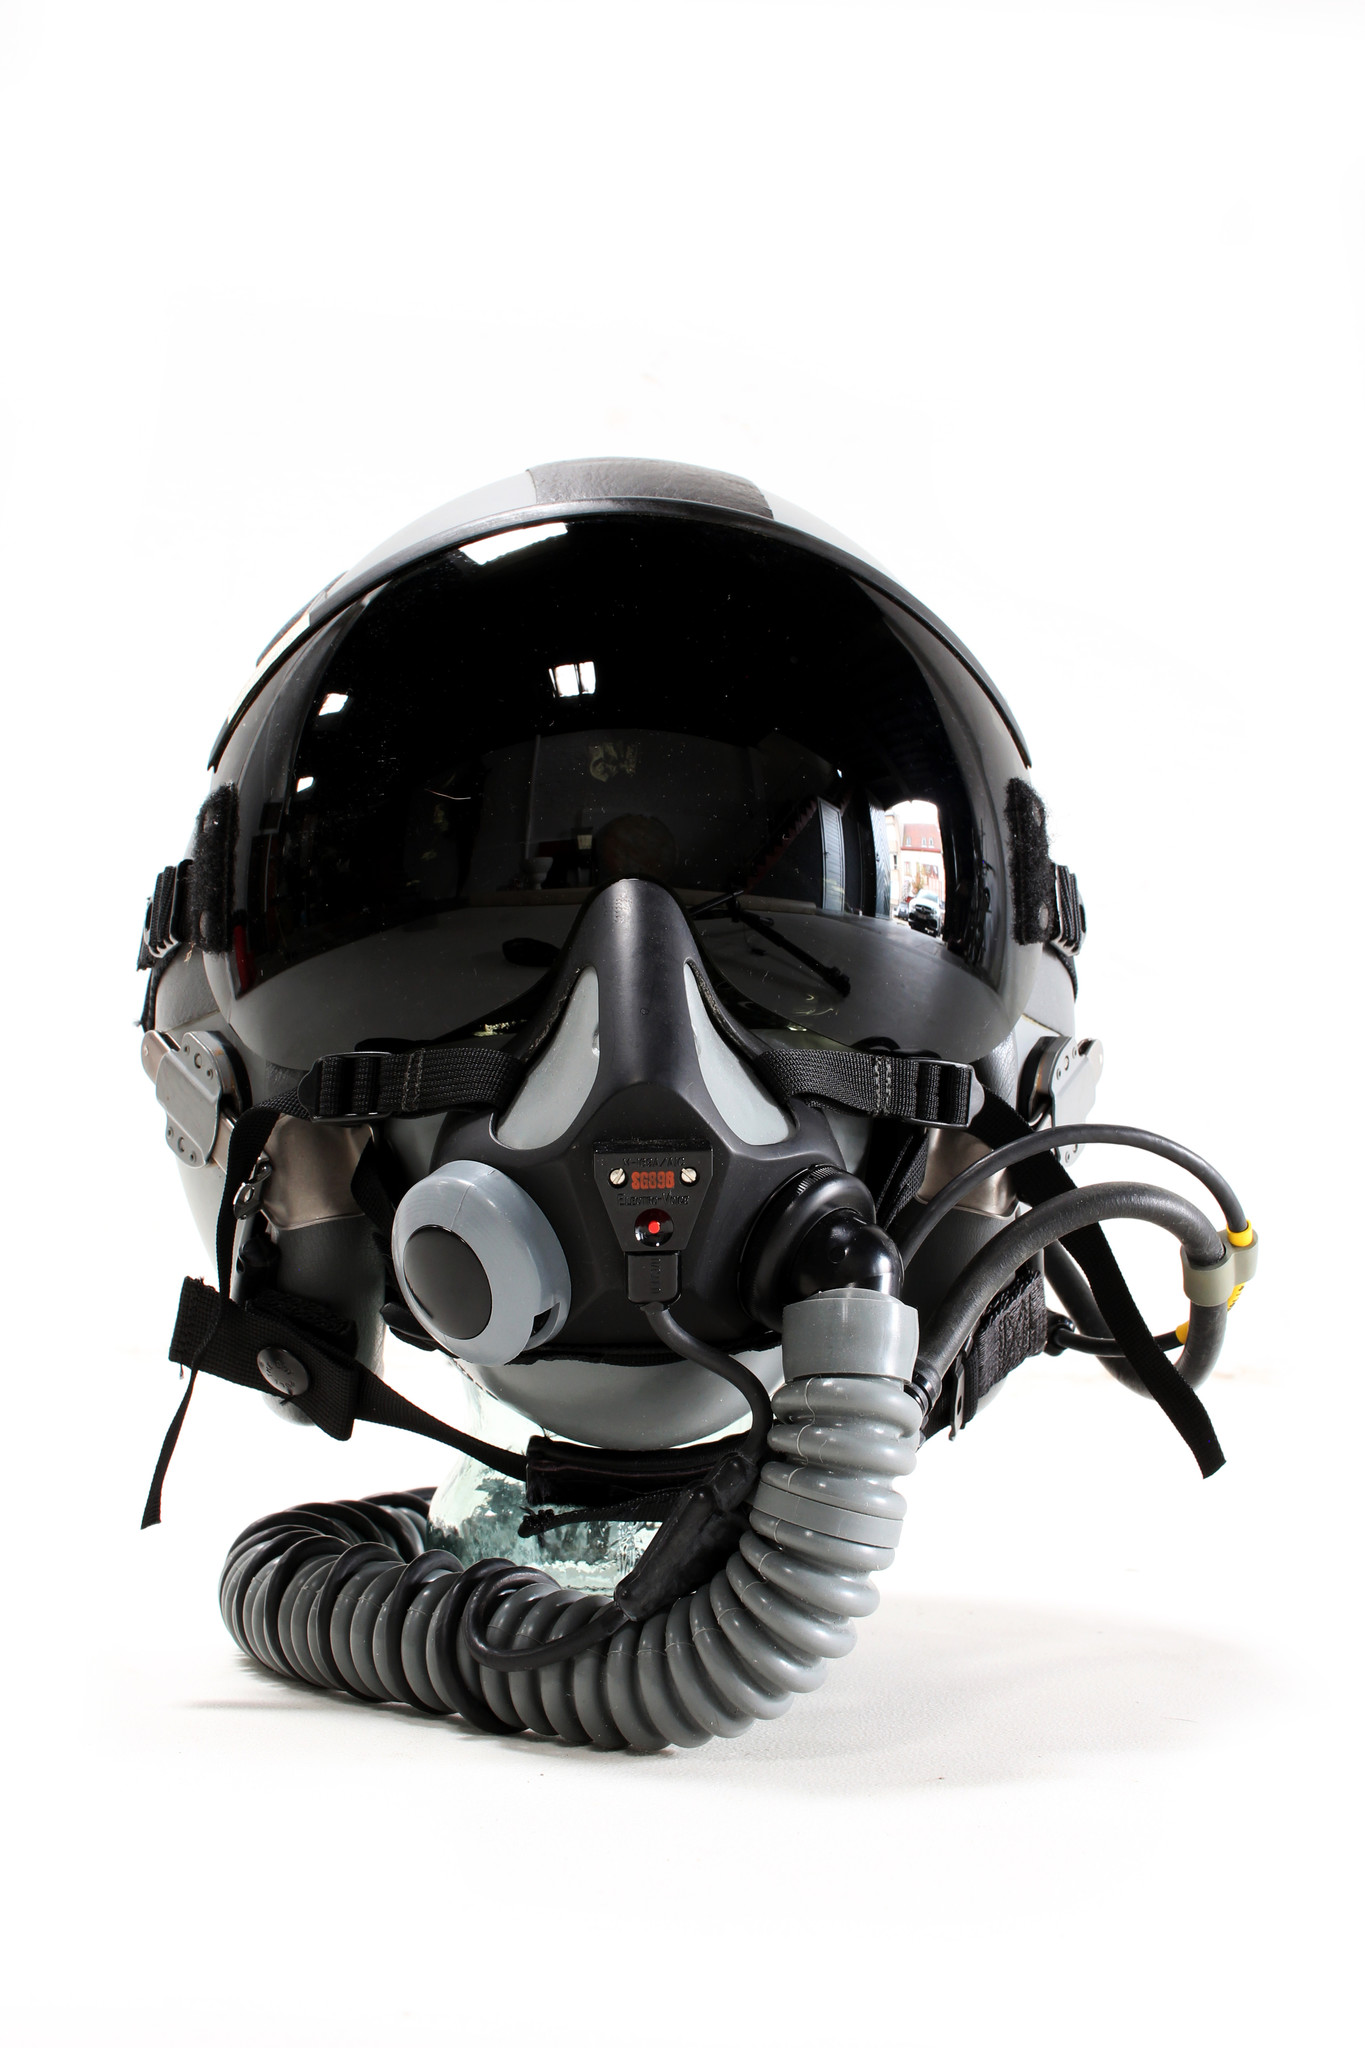 F16 helmet - WAUWSHOP Belgium